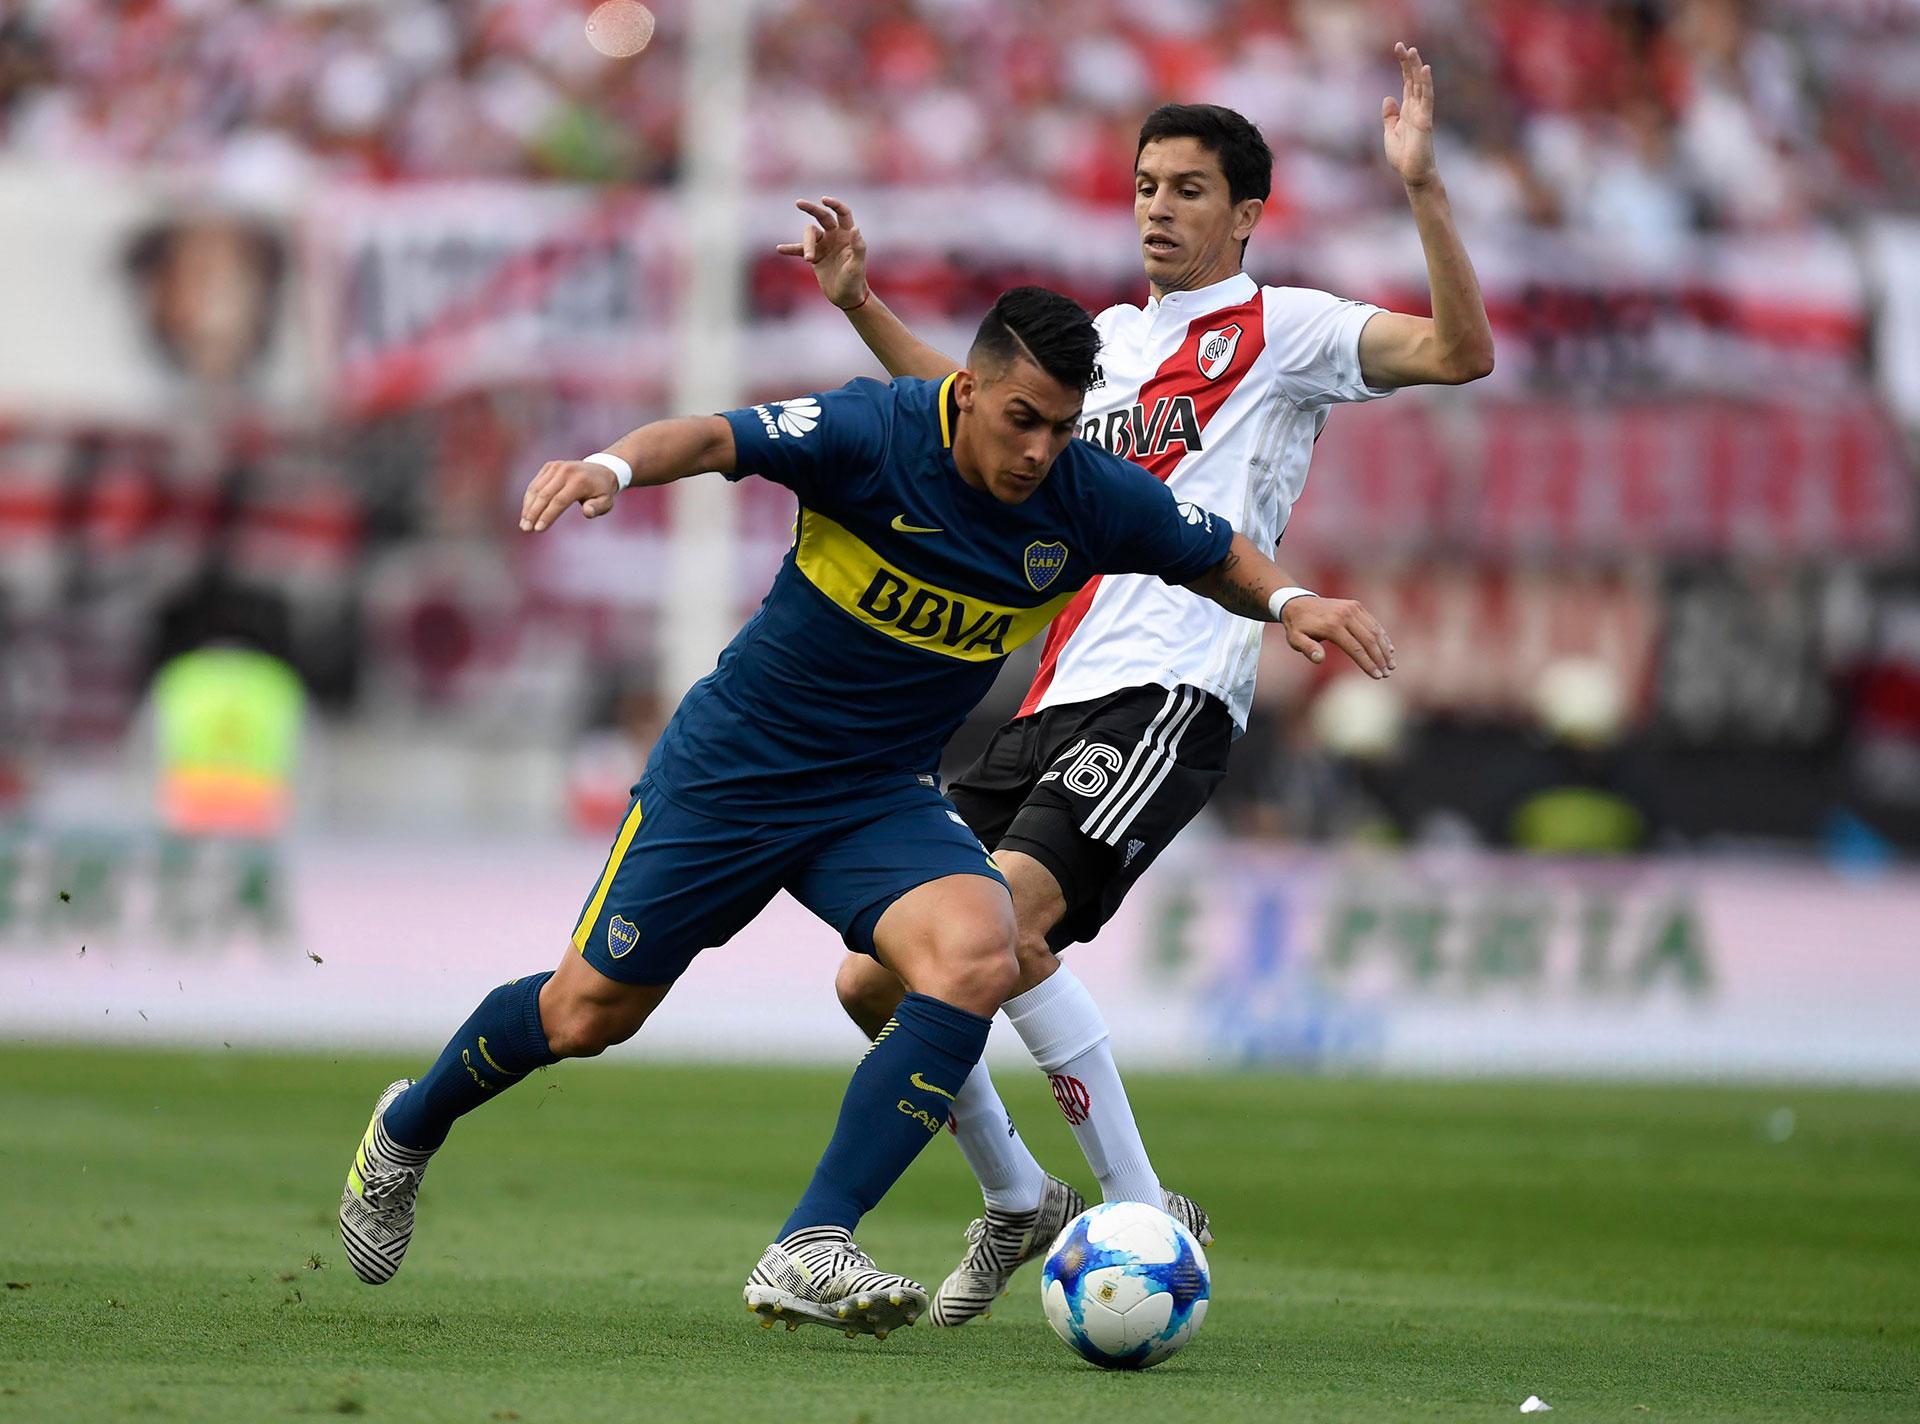 Cristian Pavón no tuvo su mejor tarde con la camiseta de Boca, pero su presencia siempre le imprime vértigo al ataque de Boca. Aquí deja atrás la marca de Ignacio Fernández